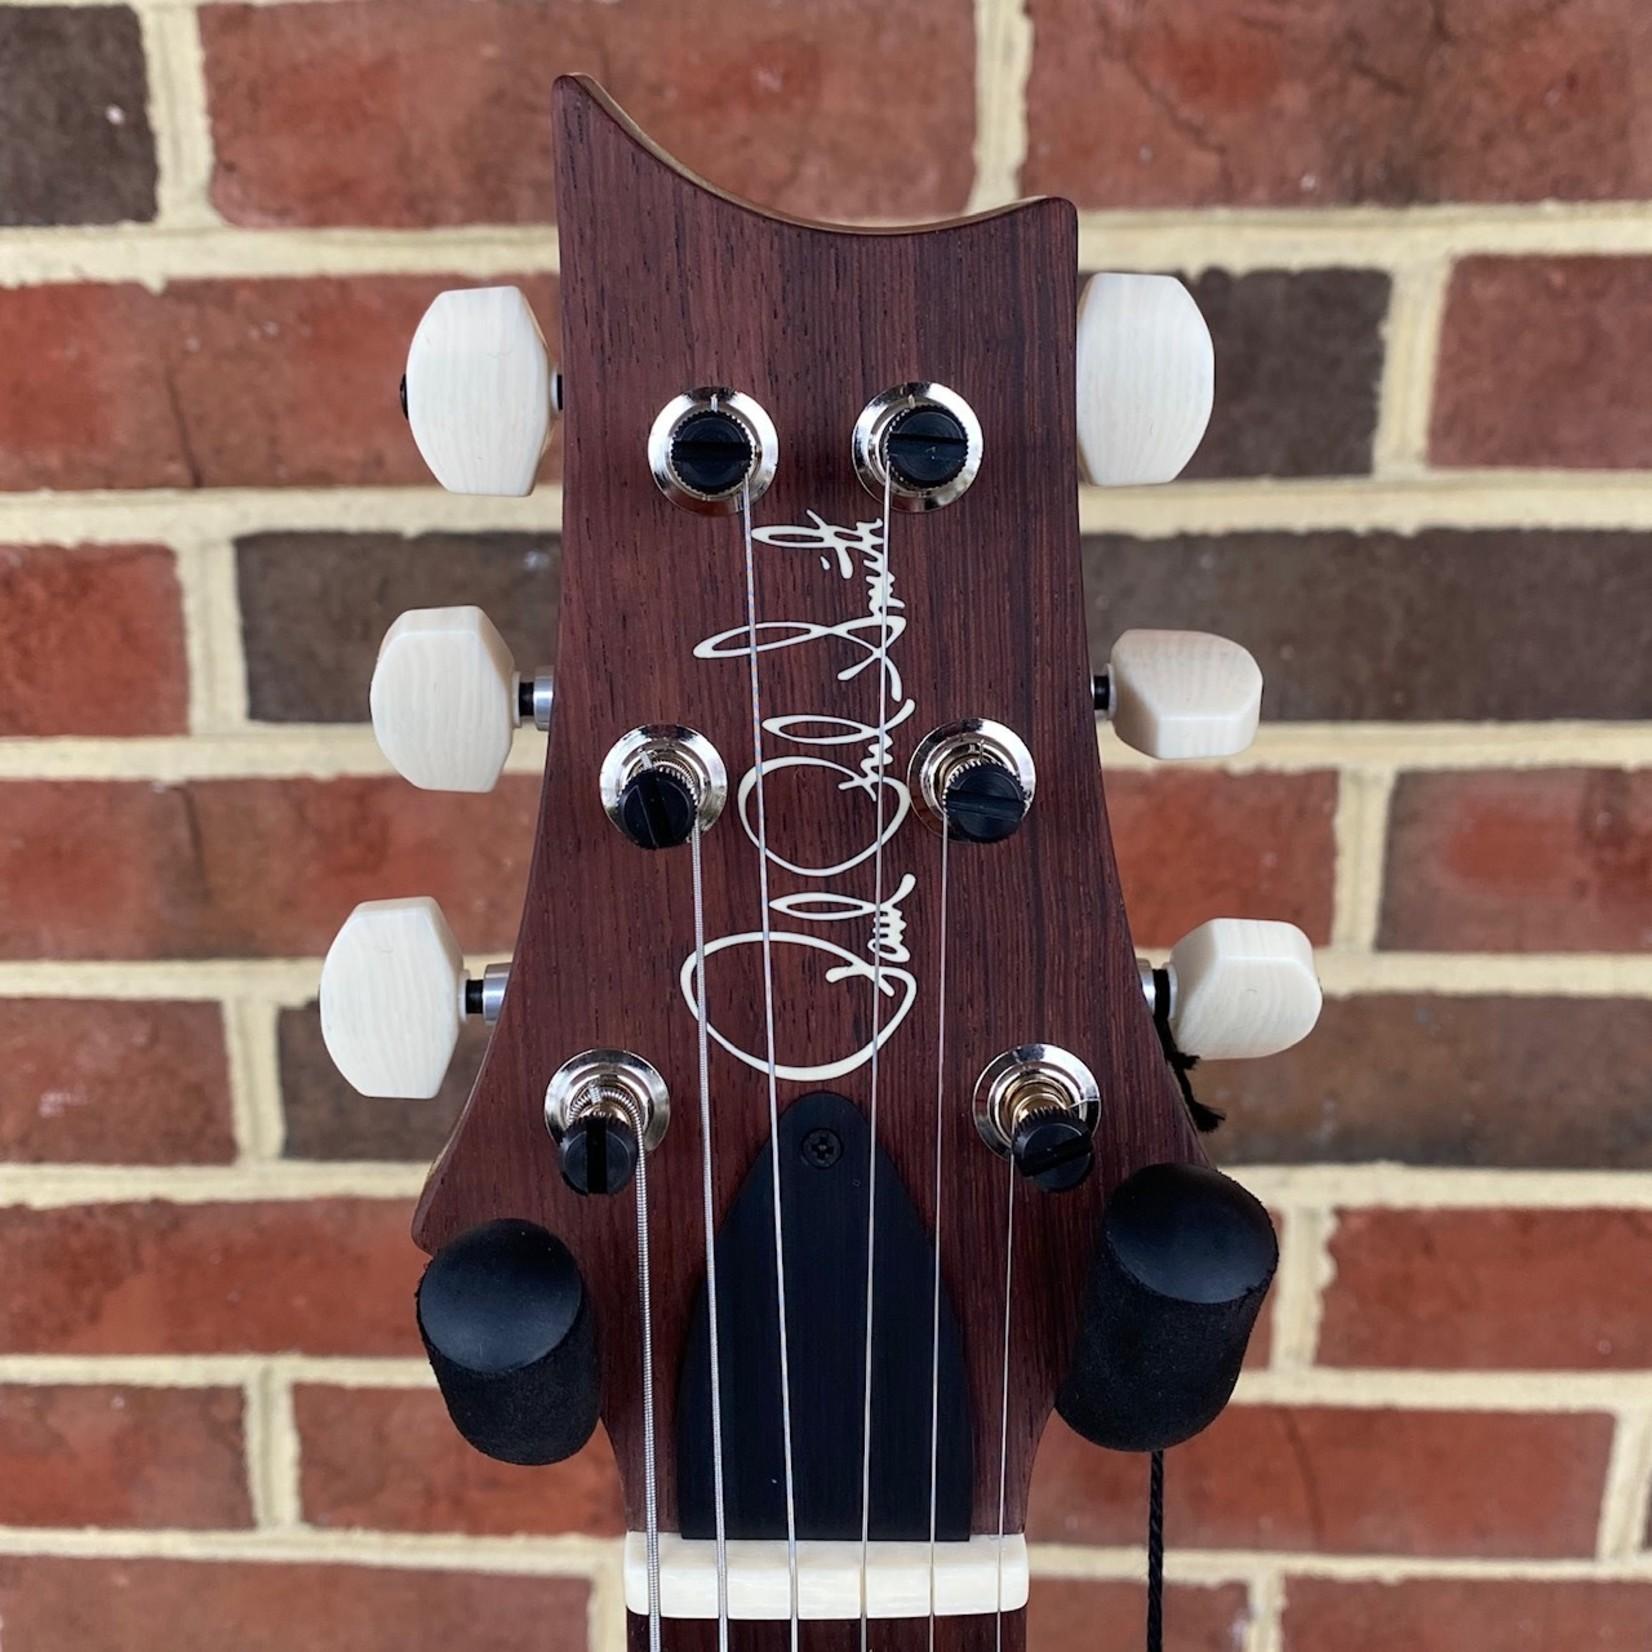 Paul Reed Smith Paul Reed Smith Paul's Guitar, Non-10 Top, Fire Red Wrap, Brushstroke Birds, Hardshell Case